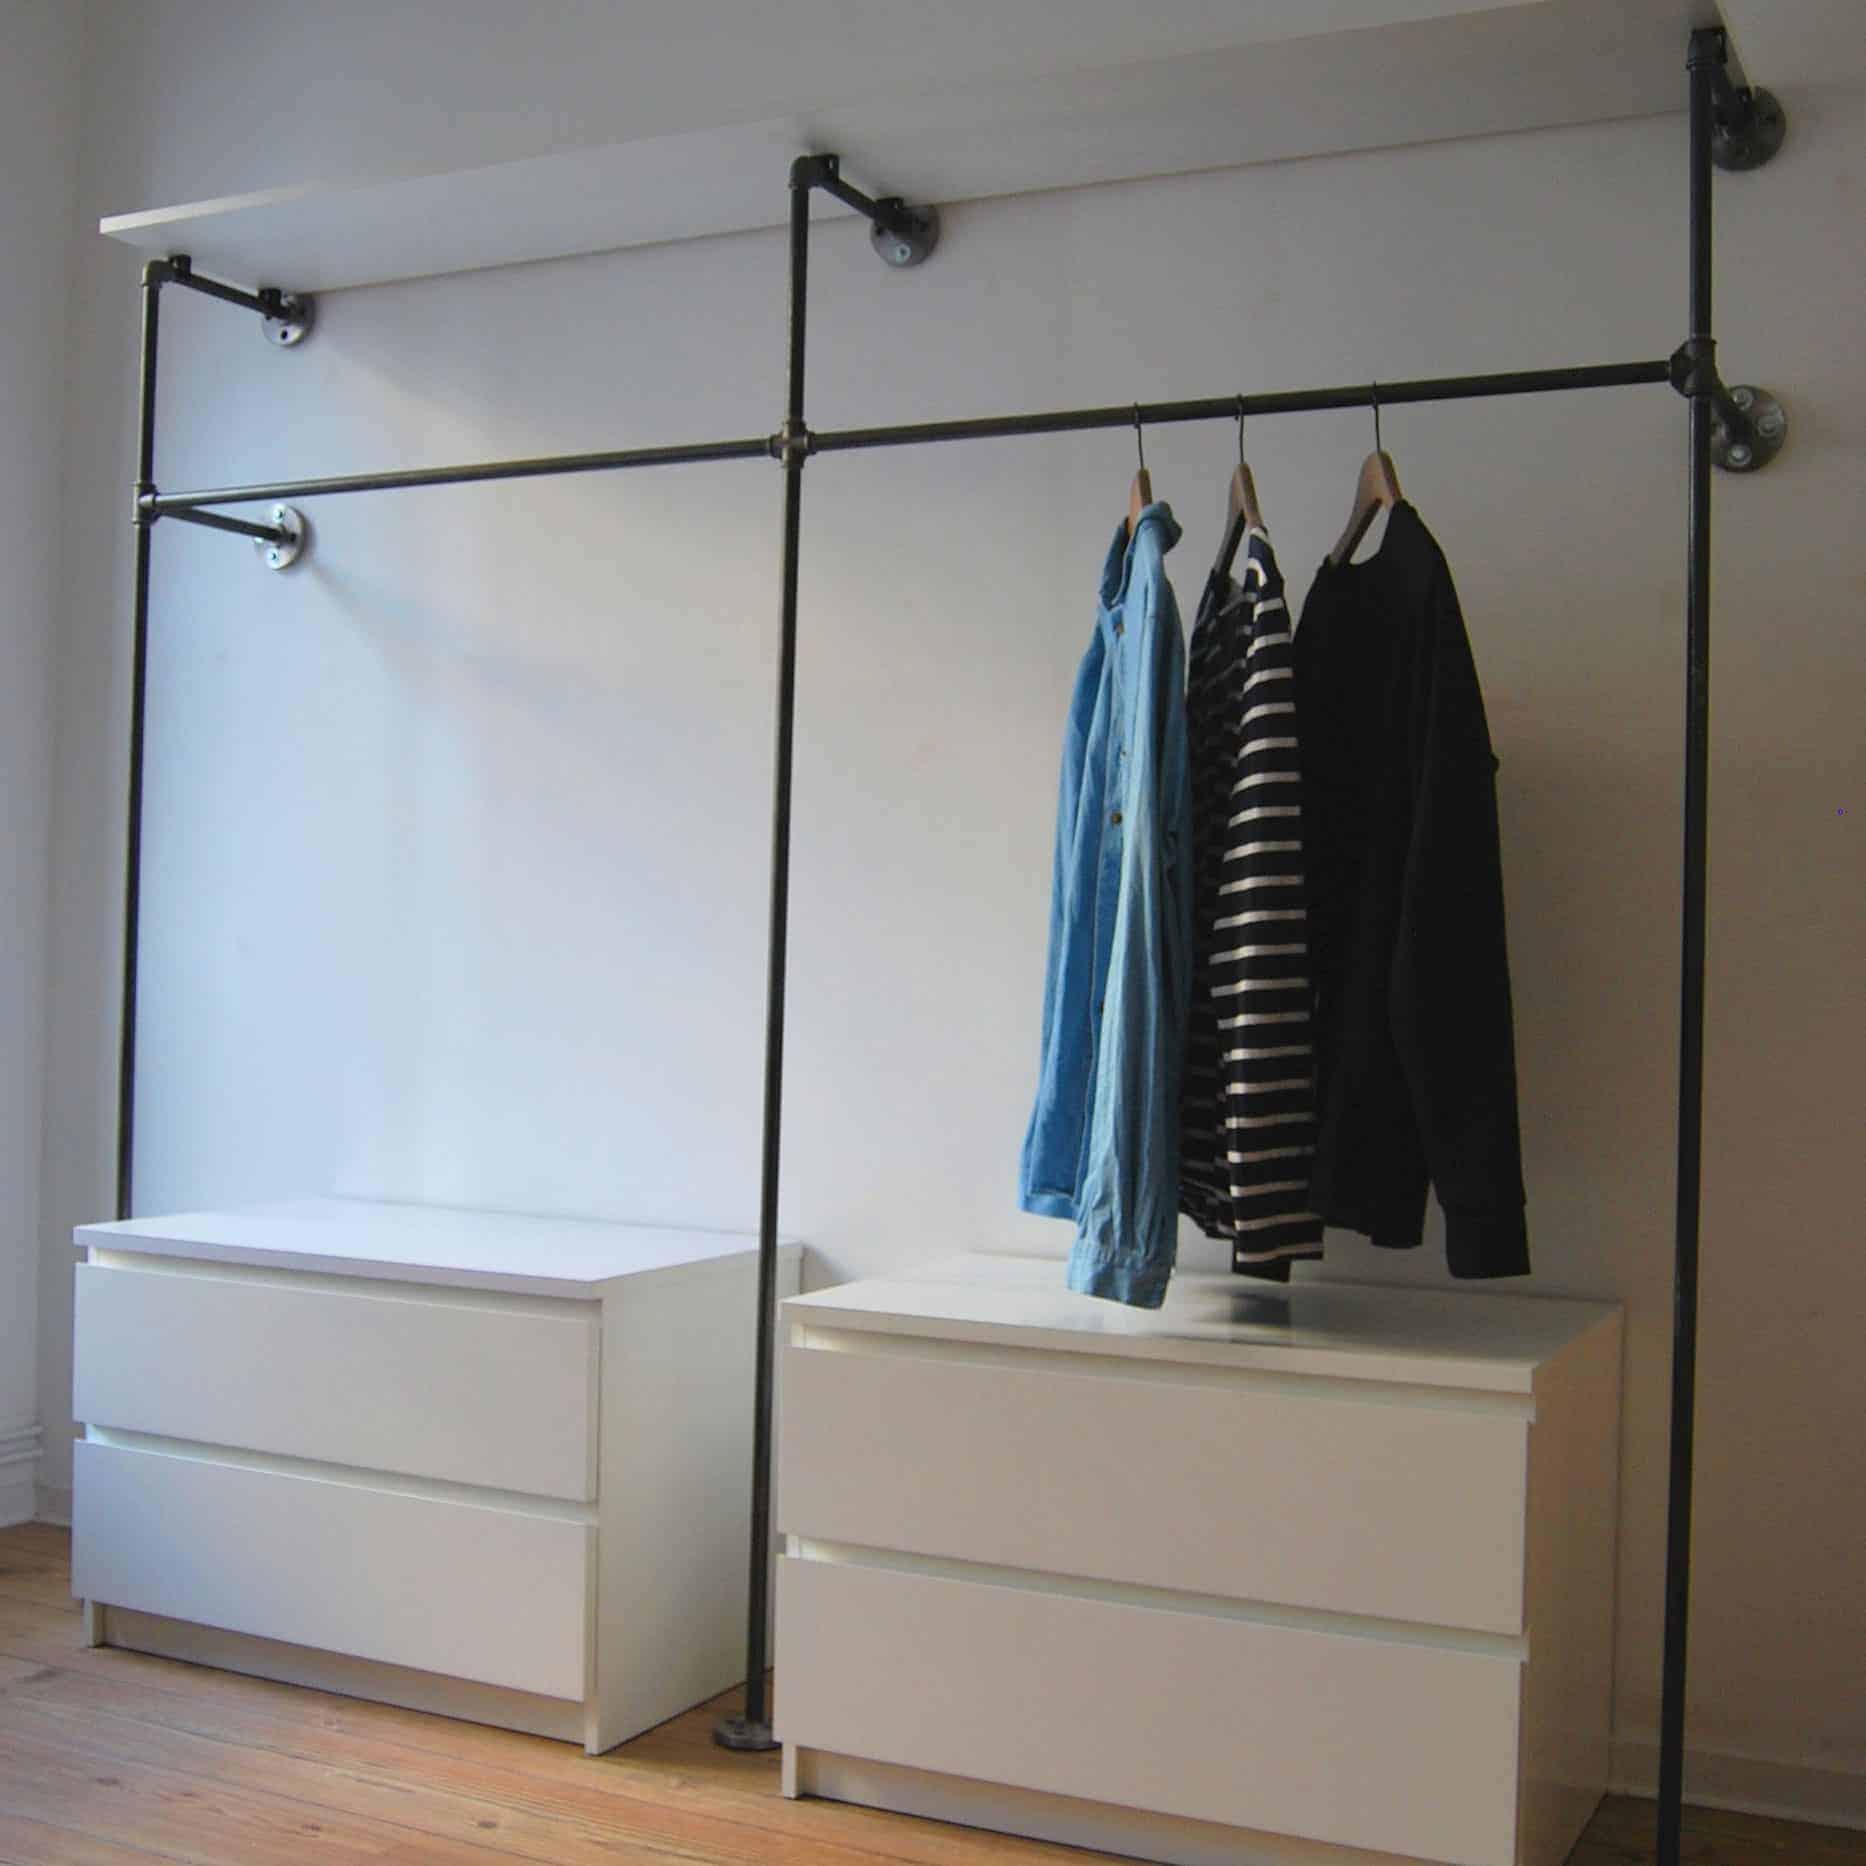 Garderobe Industrial Design Schranksystem aus Wasserrohr und Temperguss - Kleiderstange mit Kommode Regal Kombination selber bauen